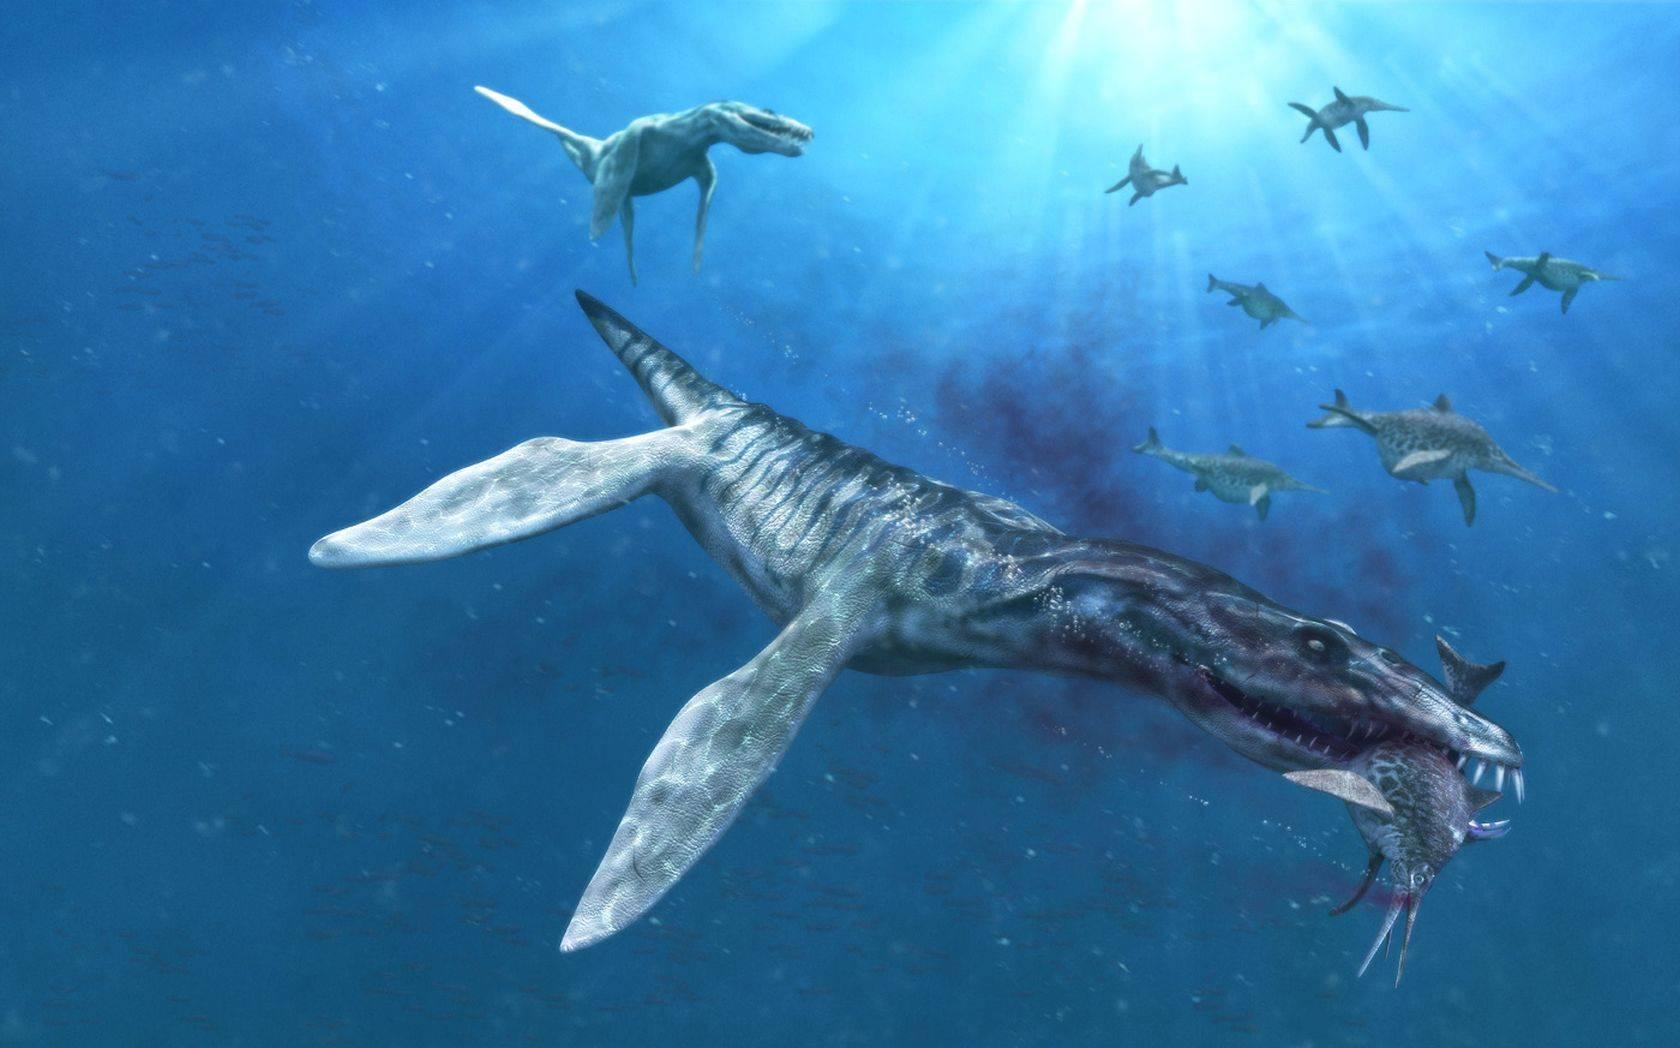 El Liopleurodon, uno de los más feroces dinosaurios marinos.